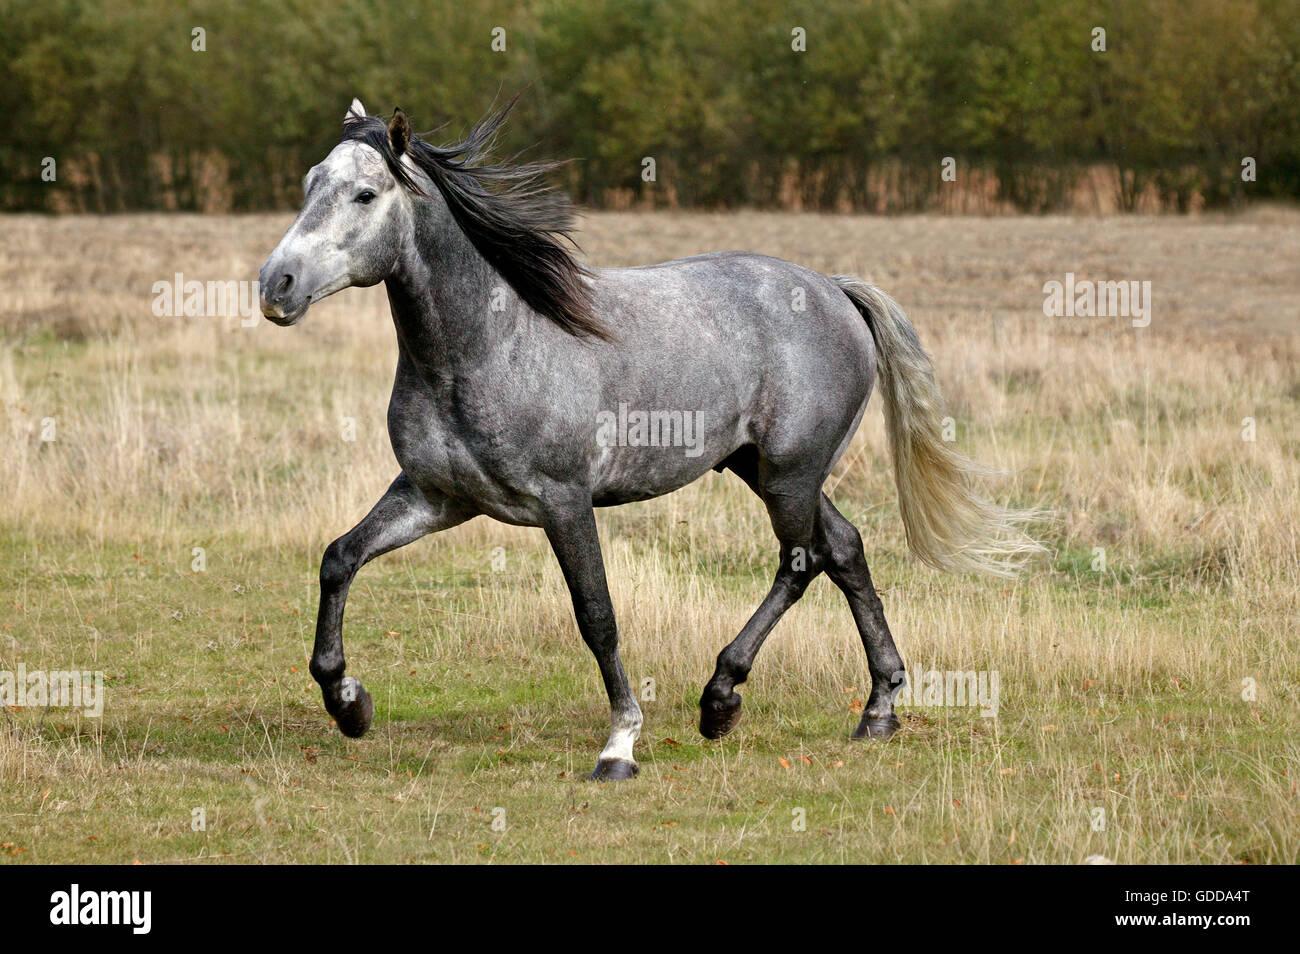 Lusitano Horse, Stallion - Stock Image